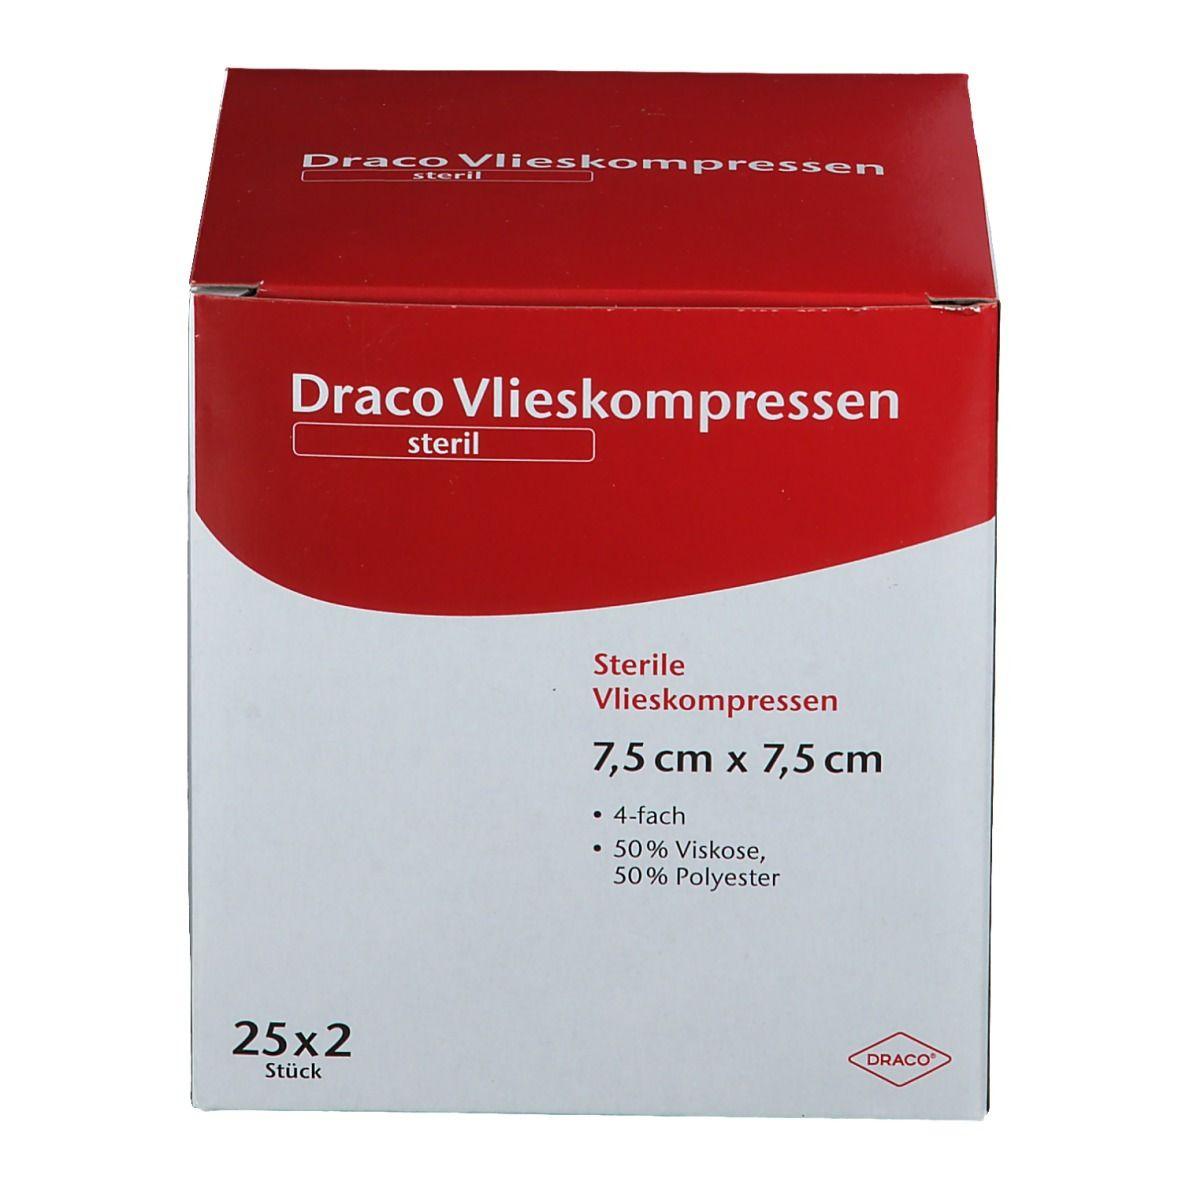 VLIESSTOFF-KOMPRESSEN 7,5x7,5 cm steril 4fach